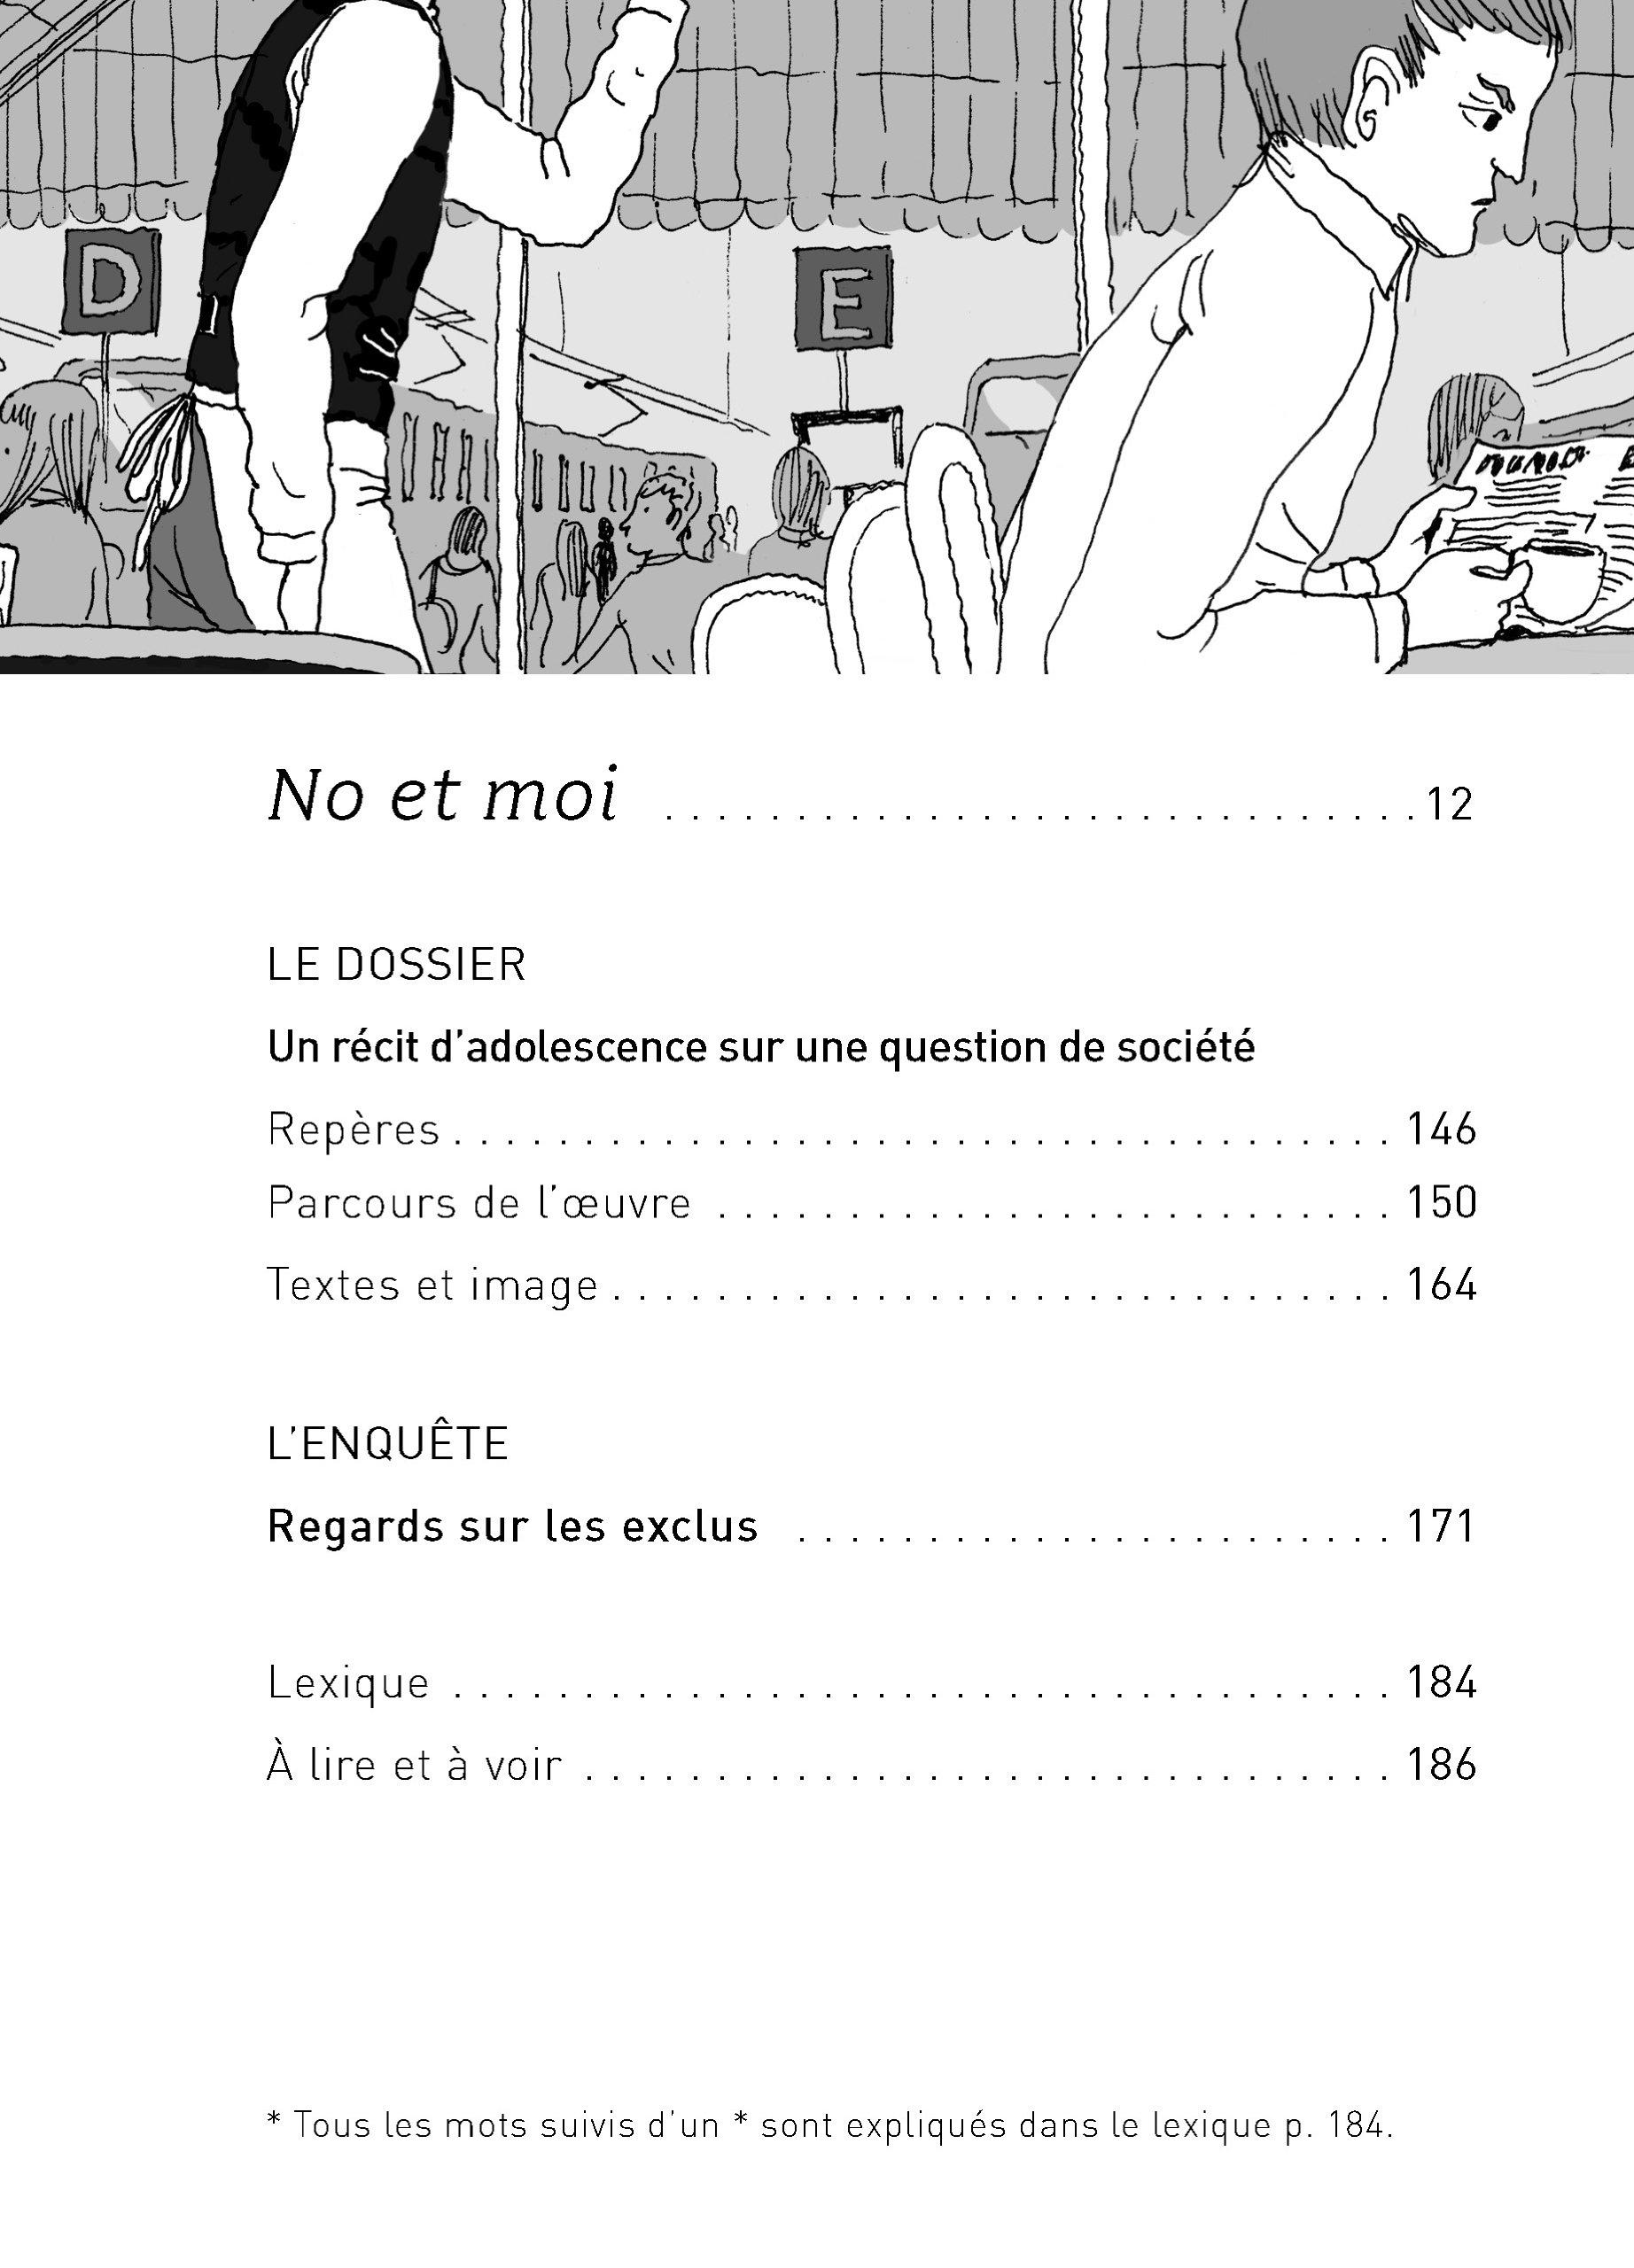 No et moi (Classiques & Cie Collège): Amazon.es: Delphine de Vigan, Aubert Drolent, Bertrand Louët: Libros en idiomas extranjeros